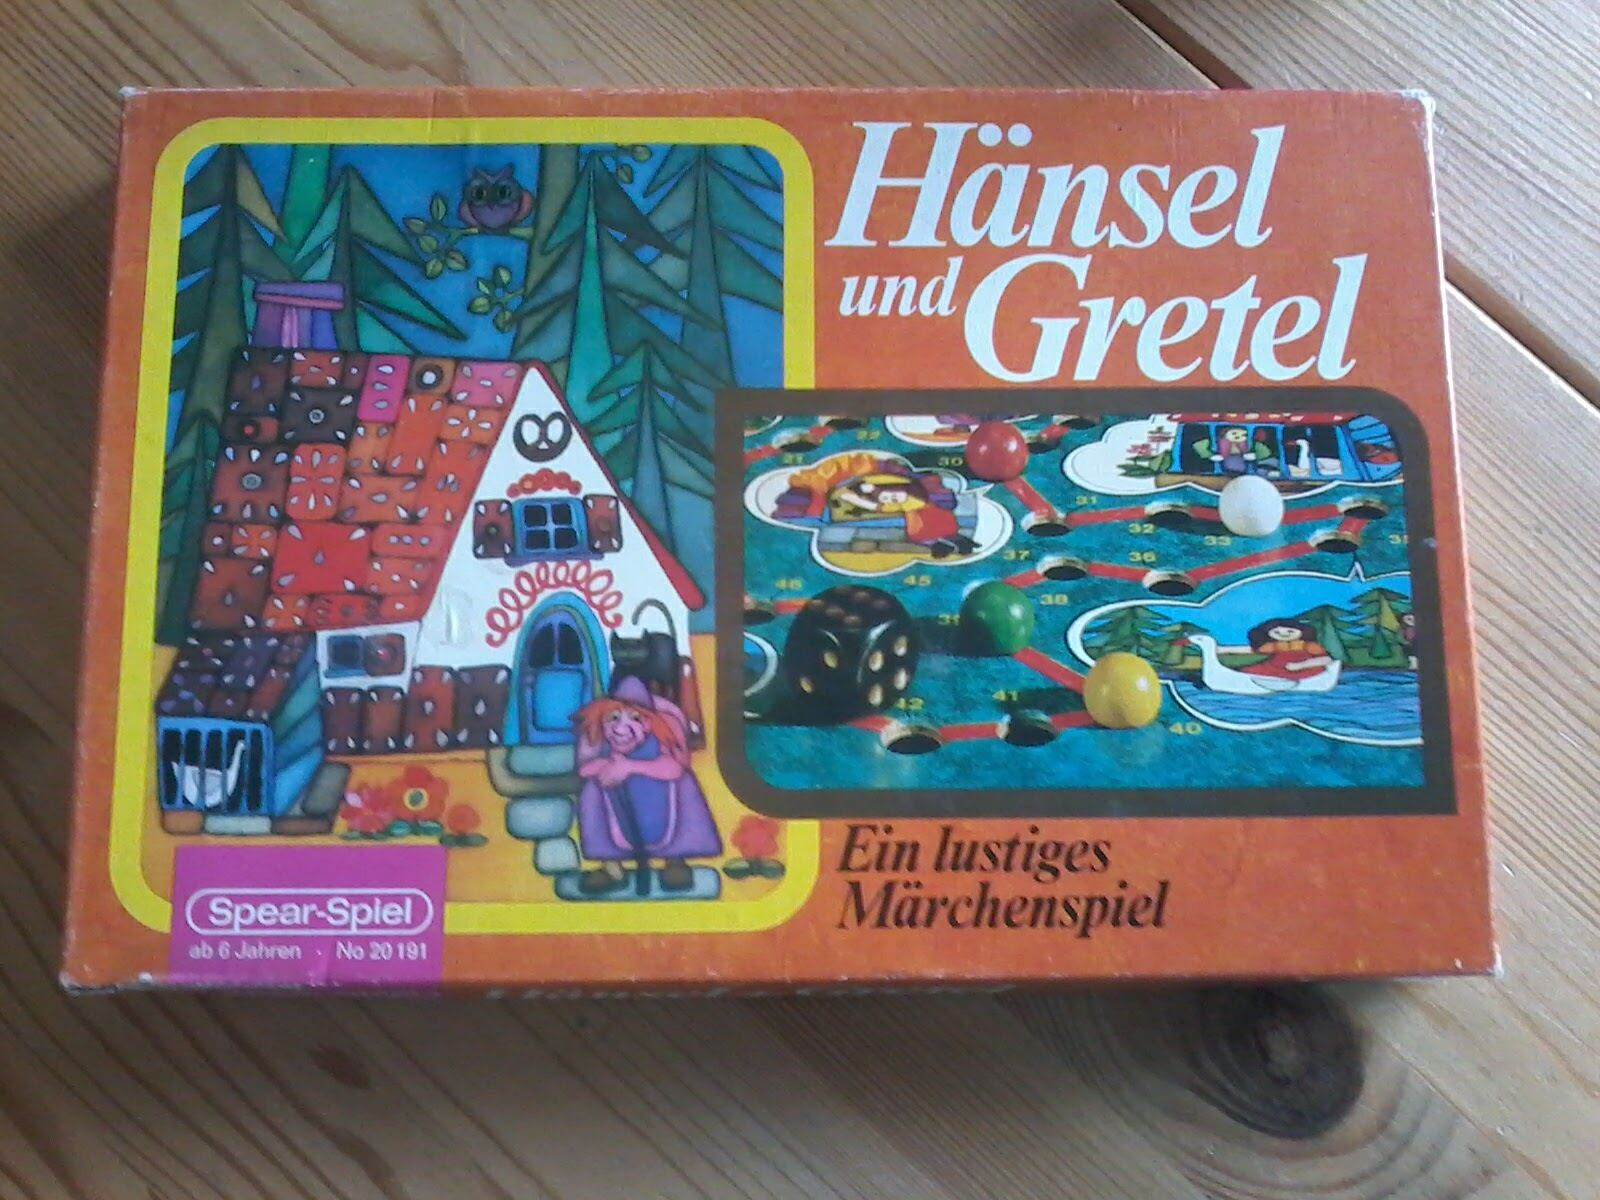 Hansel e Gretel un diverdeente fiabe gioco Spear-gioco 20 191,  rarità  economico